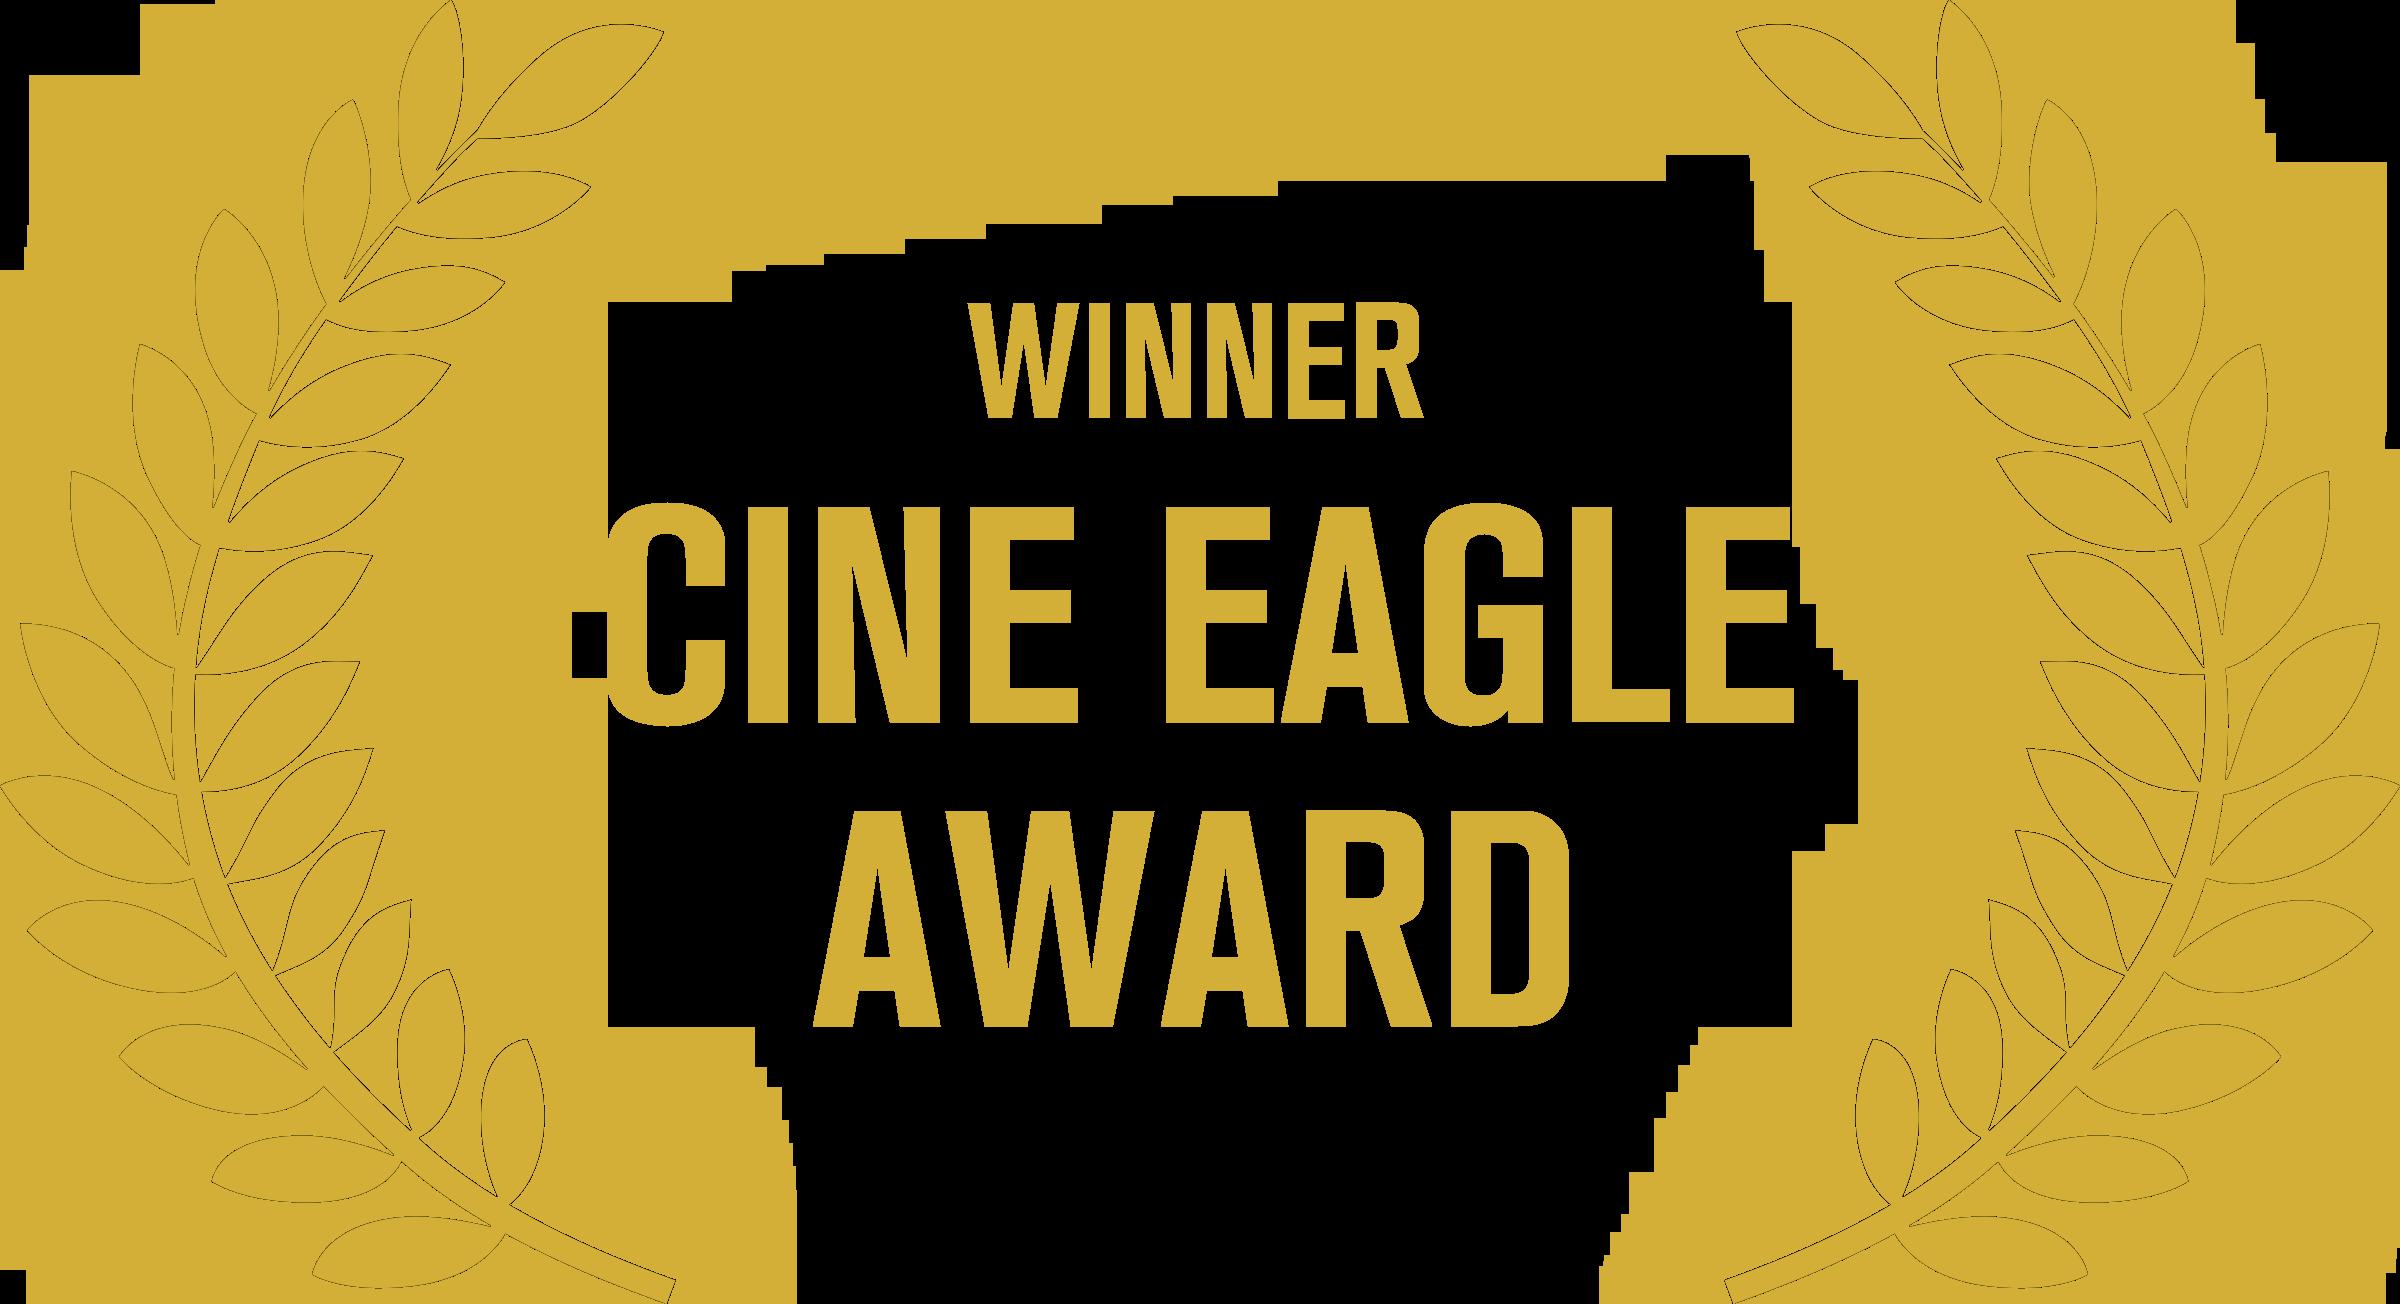 Laurel_Cine Eagle_winner.png